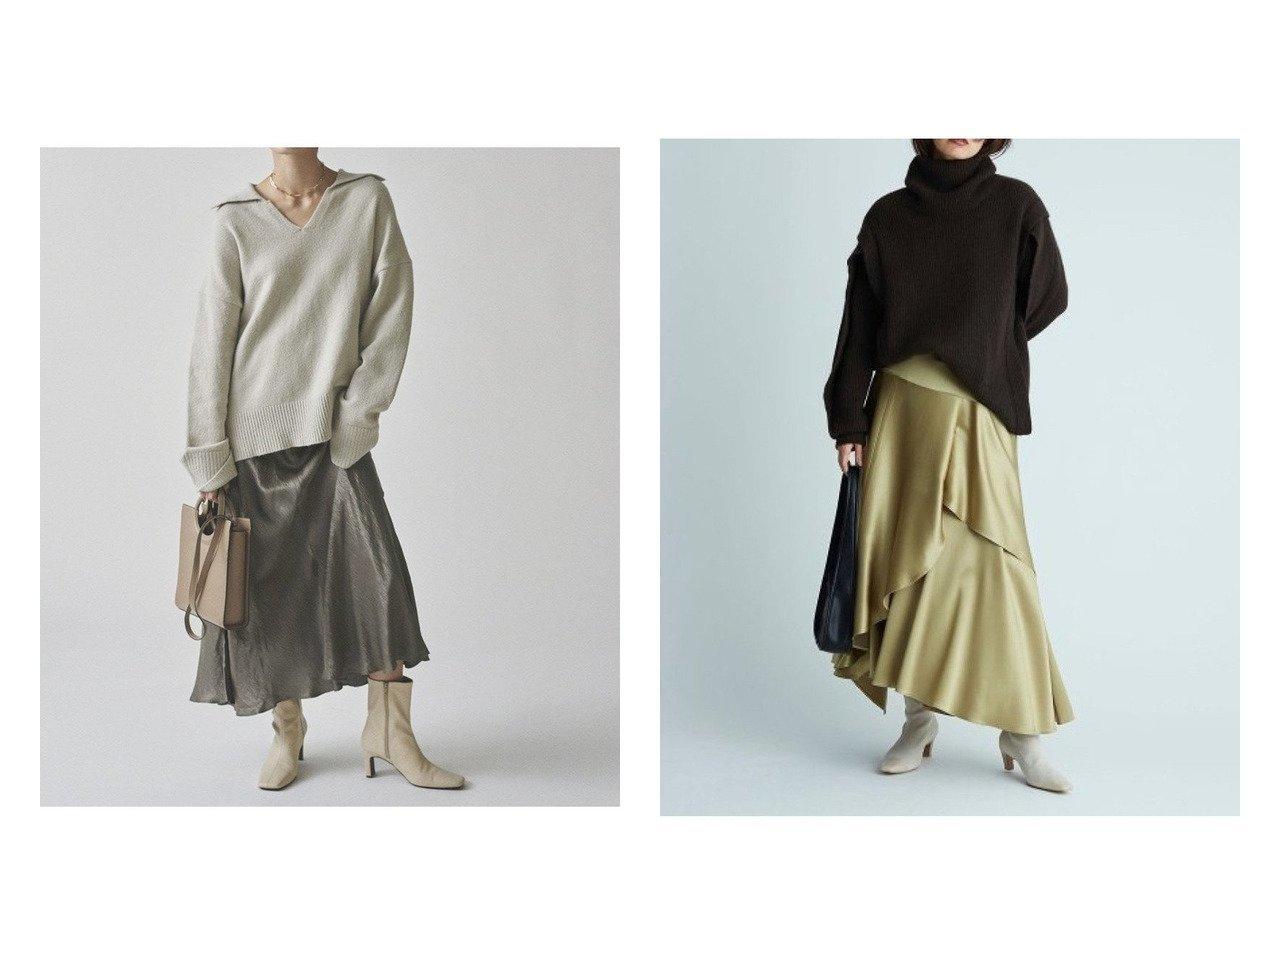 【Mila Owen/ミラオーウェン】のヴィンテージサテンロングスカート&【FRAY I.D/フレイ アイディー】のサテンフレアスカート スカートのおすすめ!人気、トレンド・レディースファッションの通販  おすすめで人気の流行・トレンド、ファッションの通販商品 メンズファッション・キッズファッション・インテリア・家具・レディースファッション・服の通販 founy(ファニー) https://founy.com/ ファッション Fashion レディースファッション WOMEN スカート Skirt ロングスカート Long Skirt Aライン/フレアスカート Flared A-Line Skirts サテン シンプル ロング ワッシャー ヴィンテージ 楽ちん 1月号 ティアード ドレープ フレア |ID:crp329100000009712